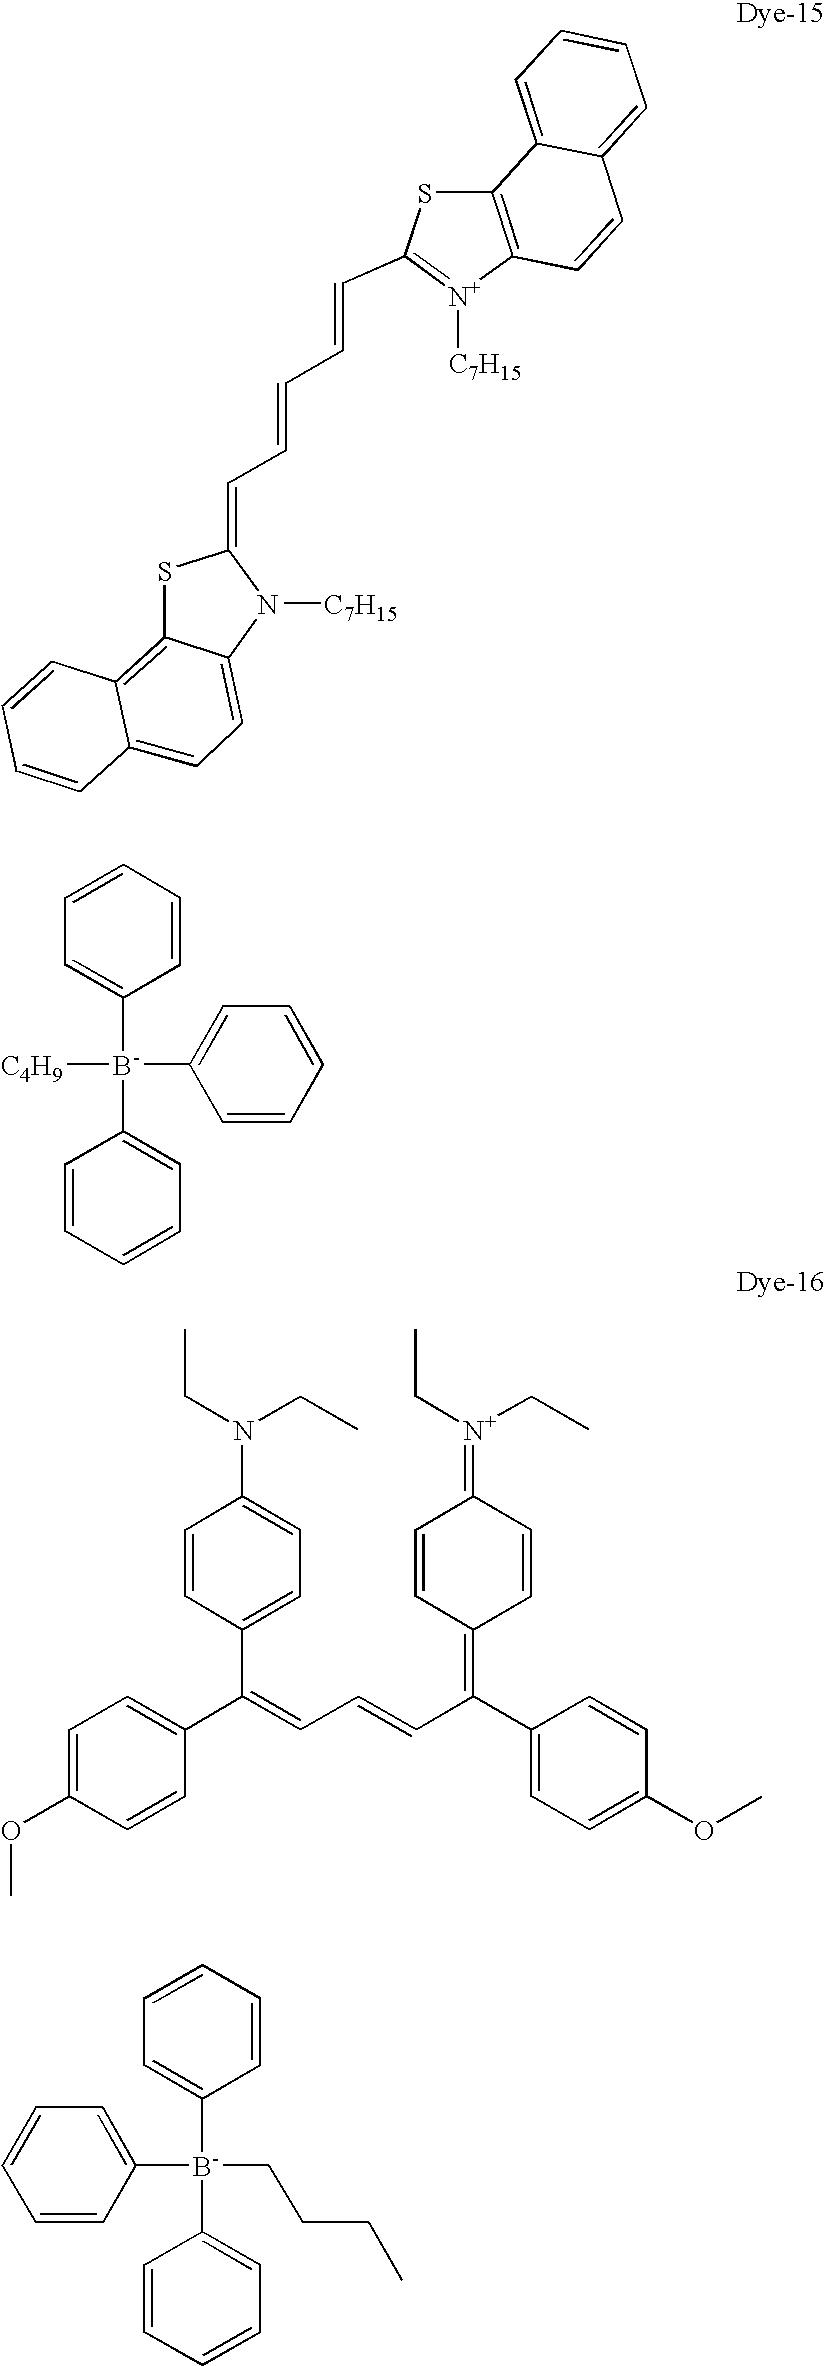 Figure US20050164116A1-20050728-C00007